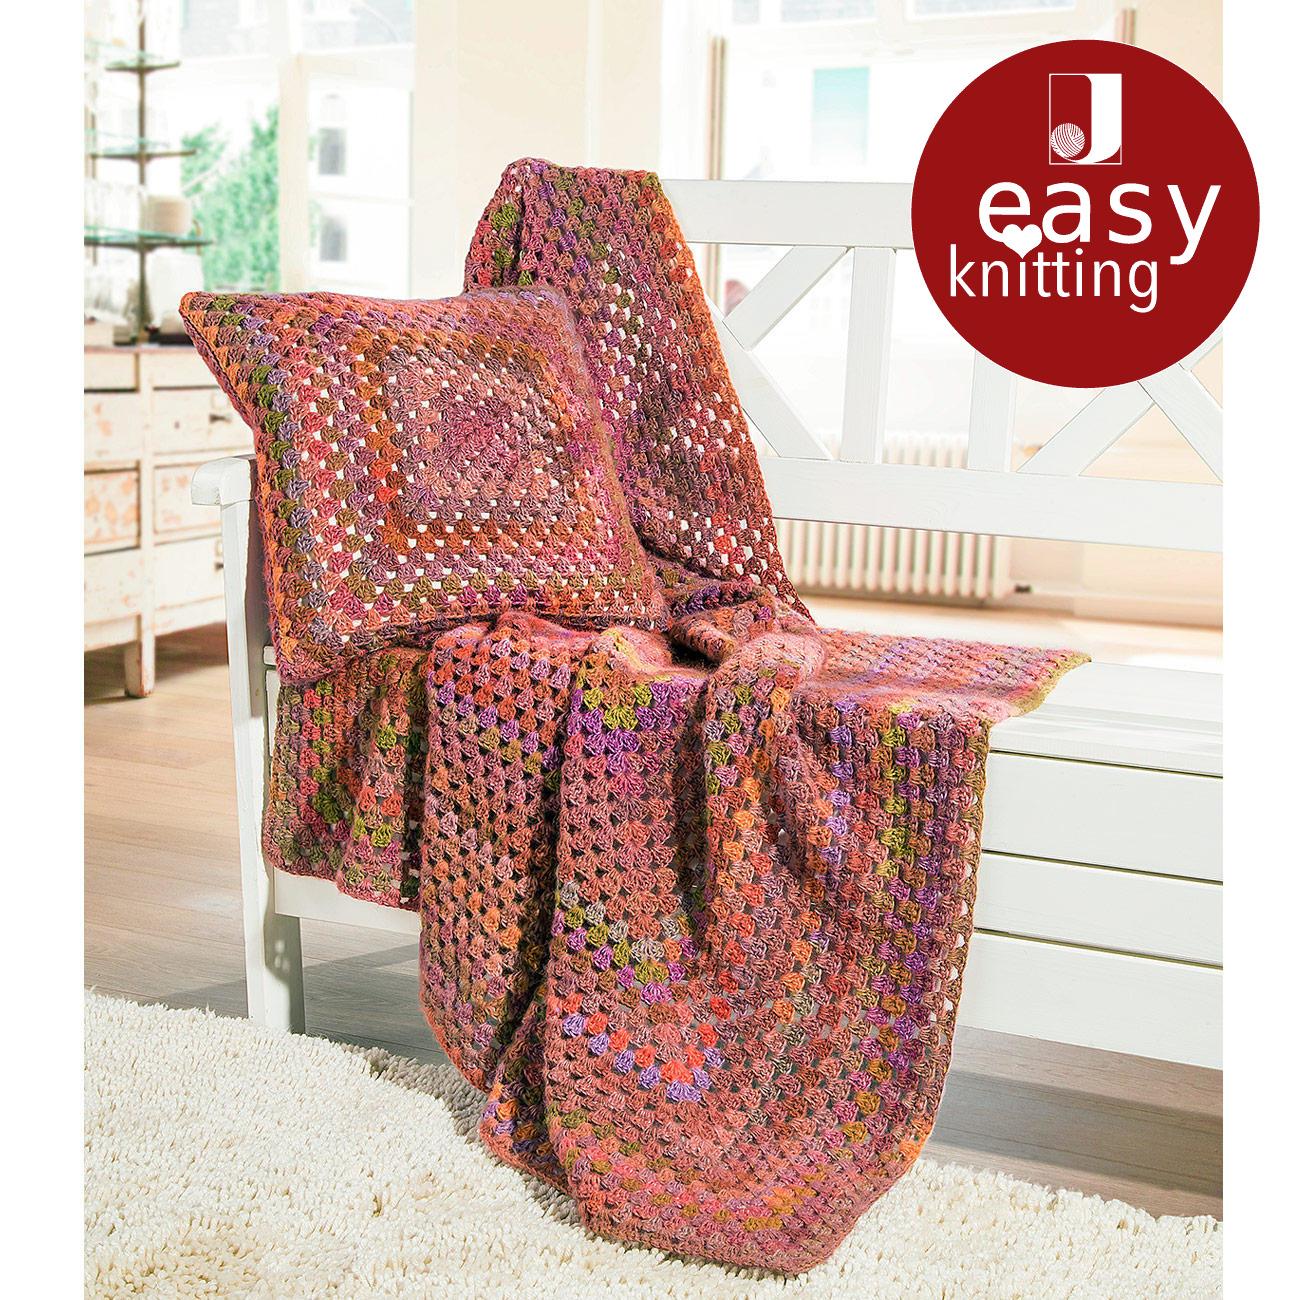 anleitung 450 6 decke und kissen aus scala von junghans wolle 1 versch farben. Black Bedroom Furniture Sets. Home Design Ideas